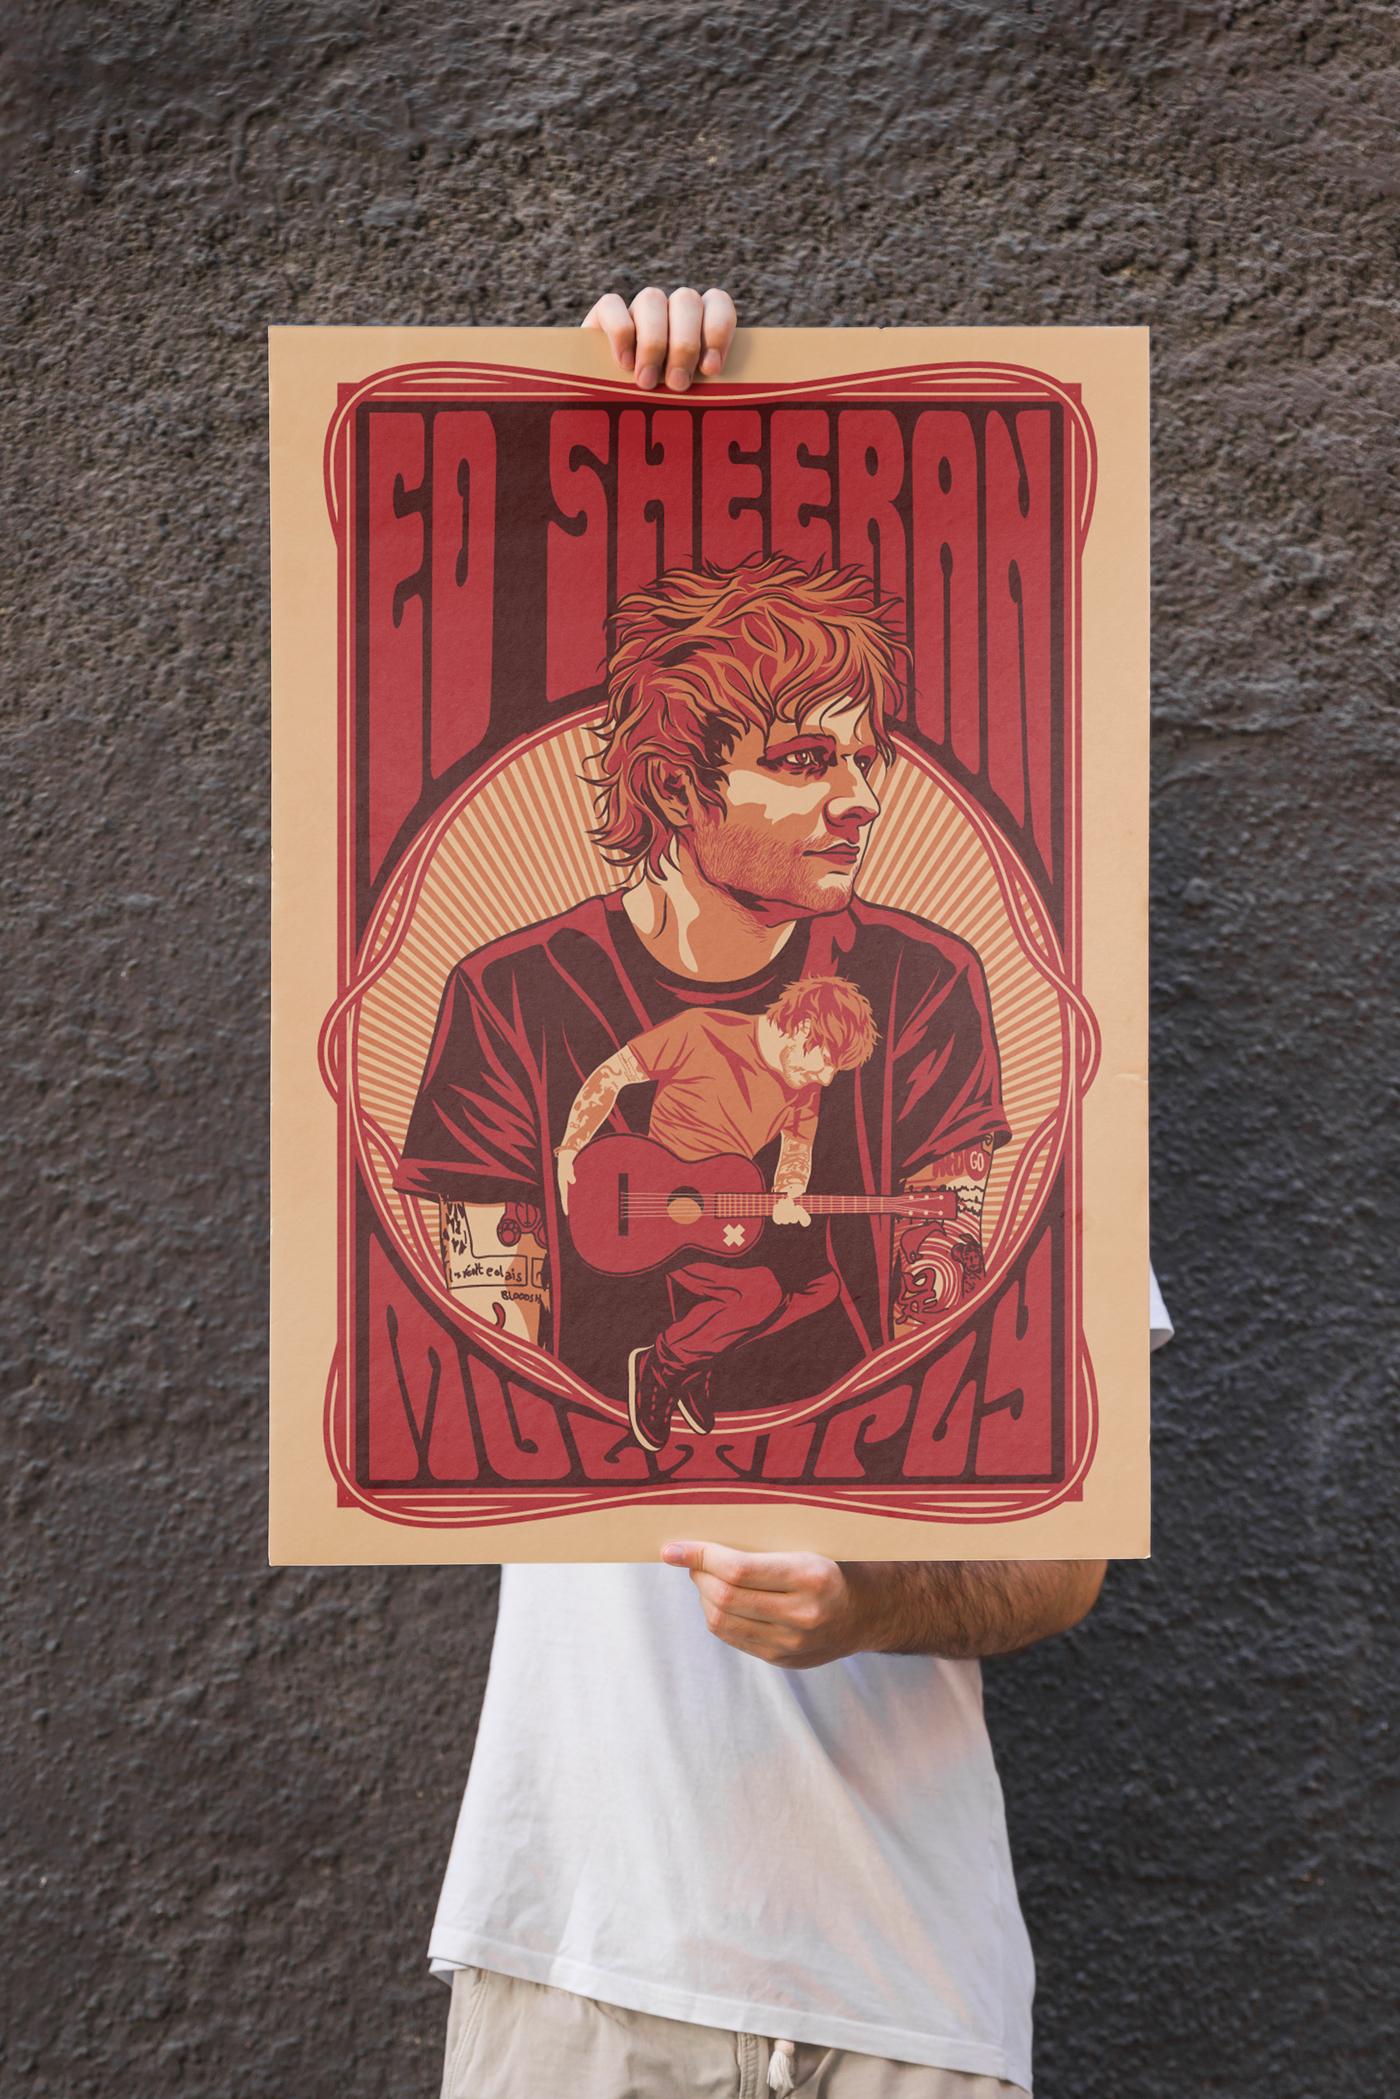 ed-sheeran-tour-poster-greg-bunbury